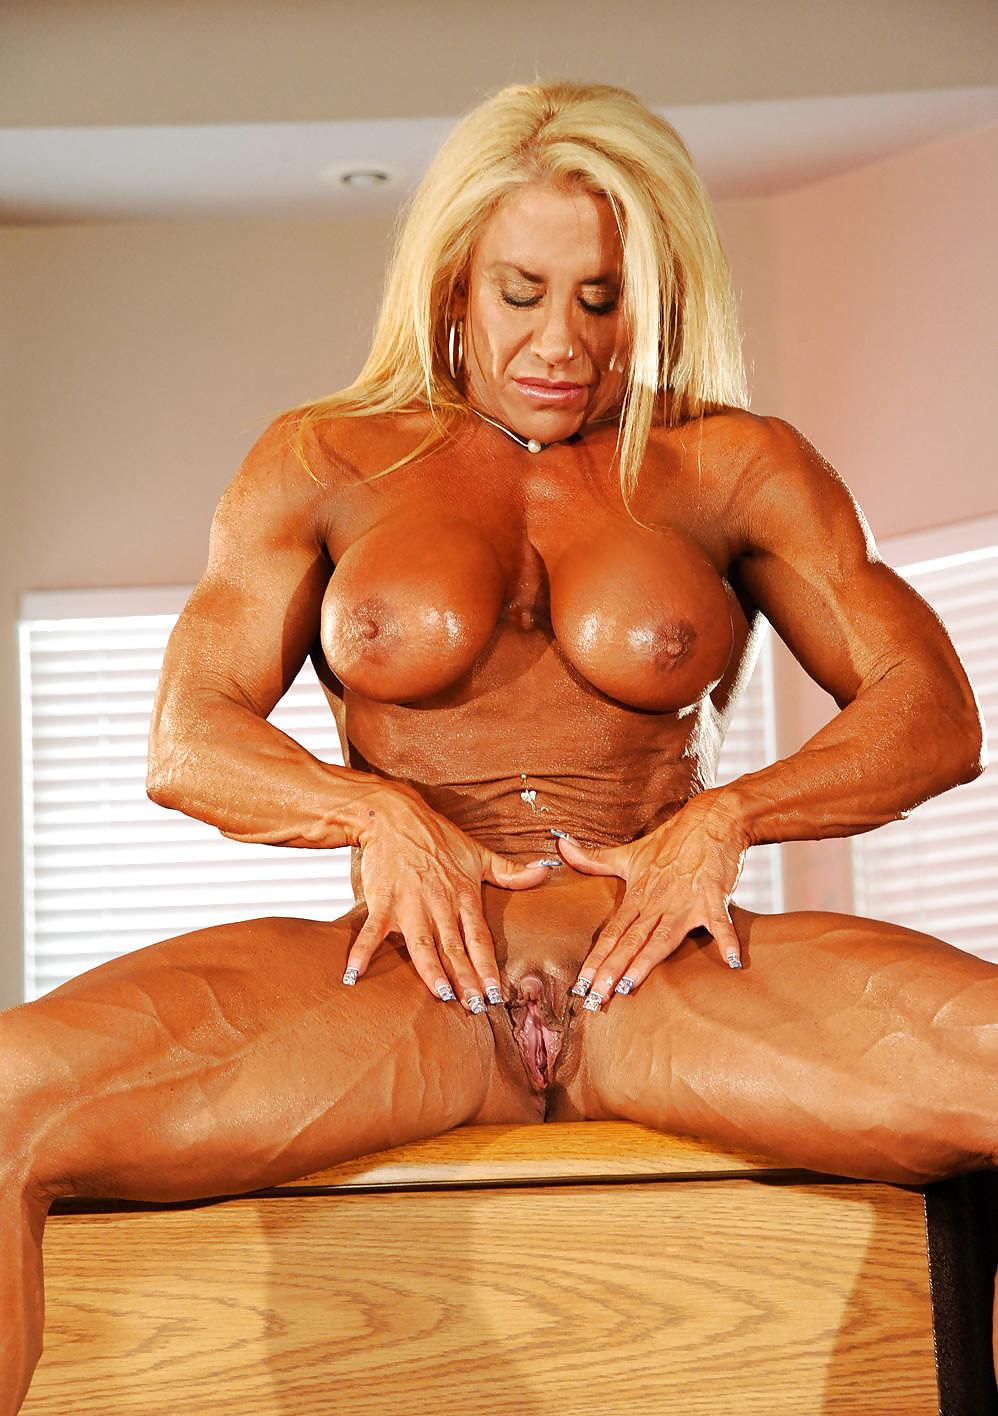 Female Bodybuilder Porn Star Masturbates Her Huge Clit